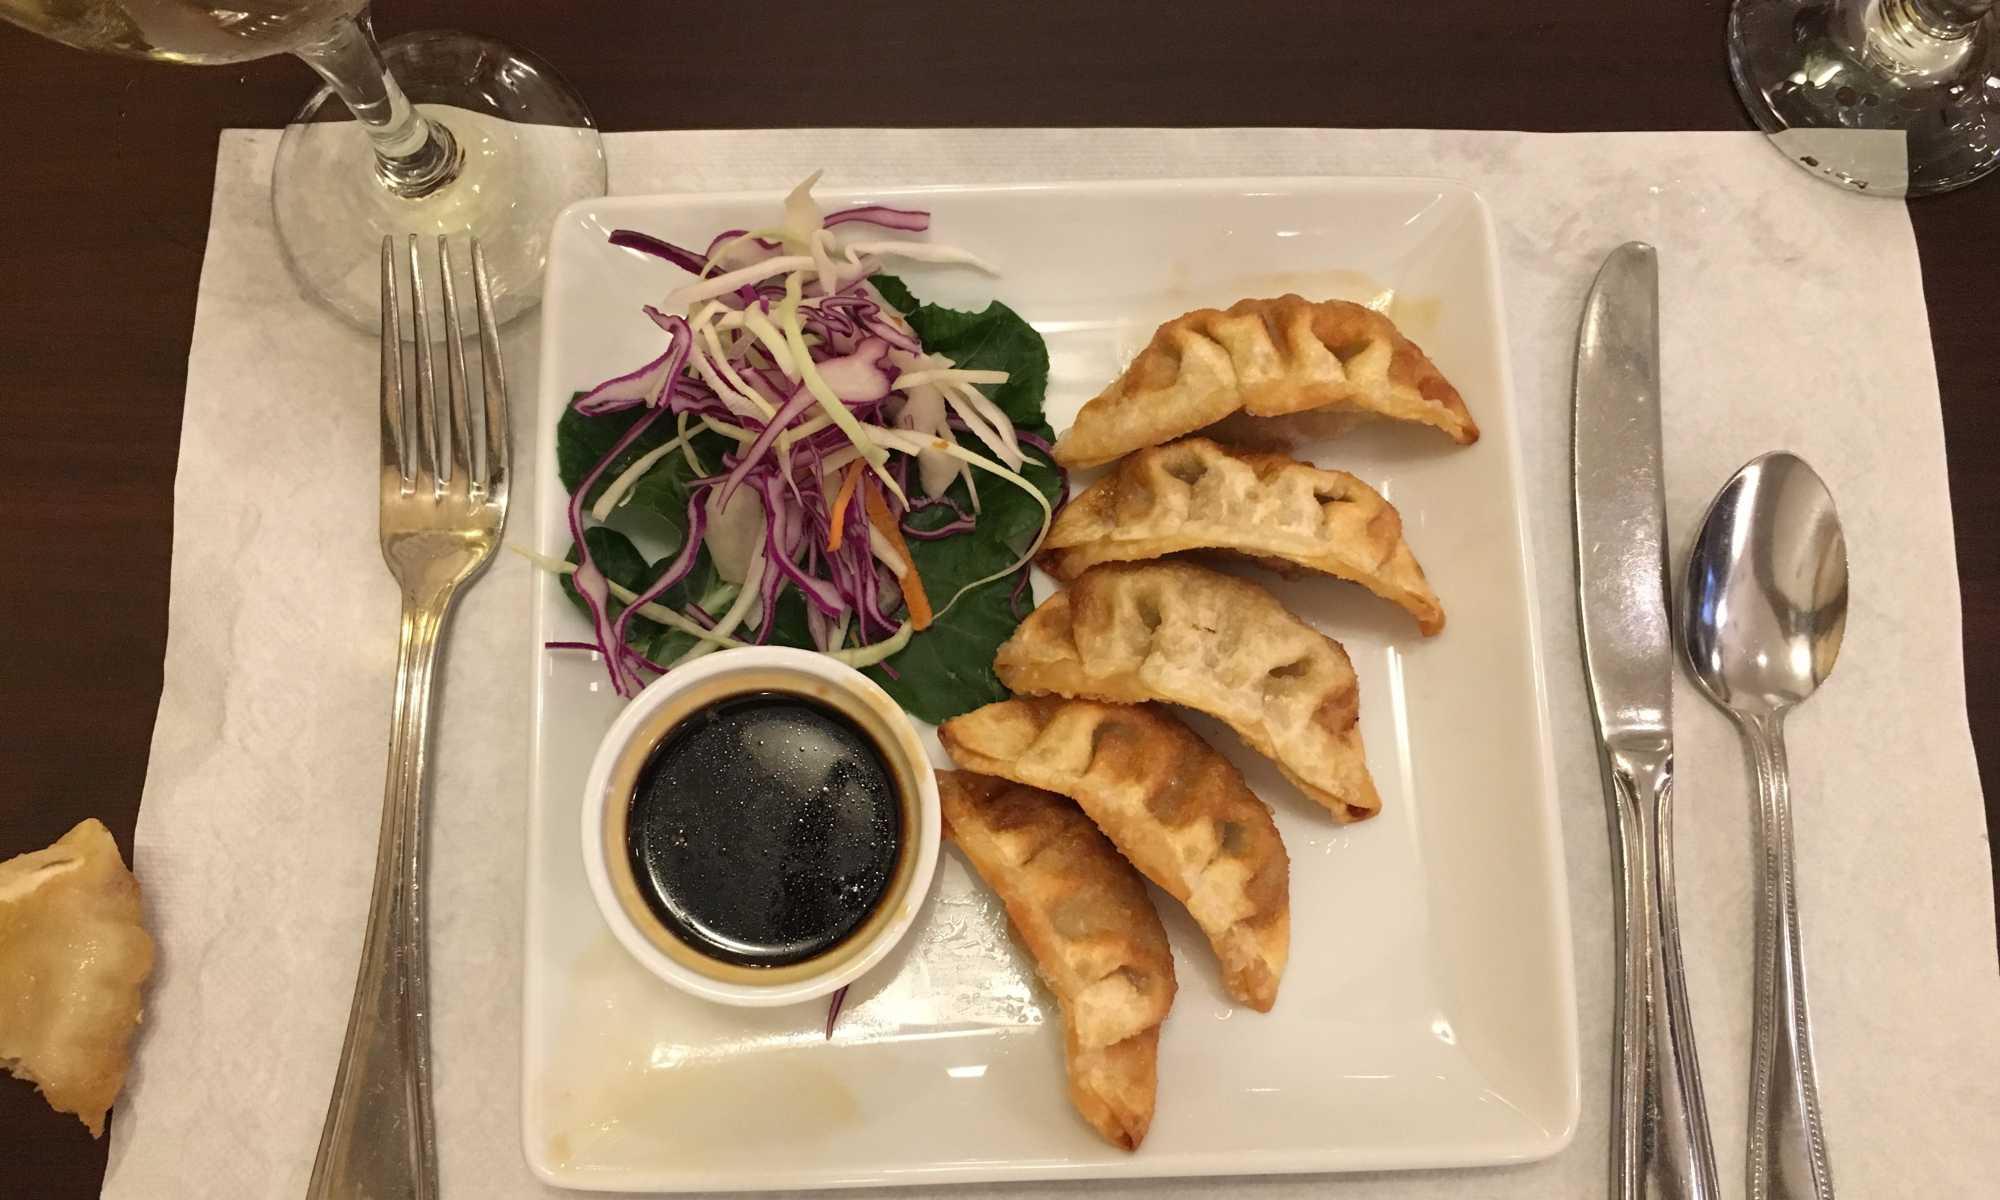 Bangkok Thai Cuisine dumplings